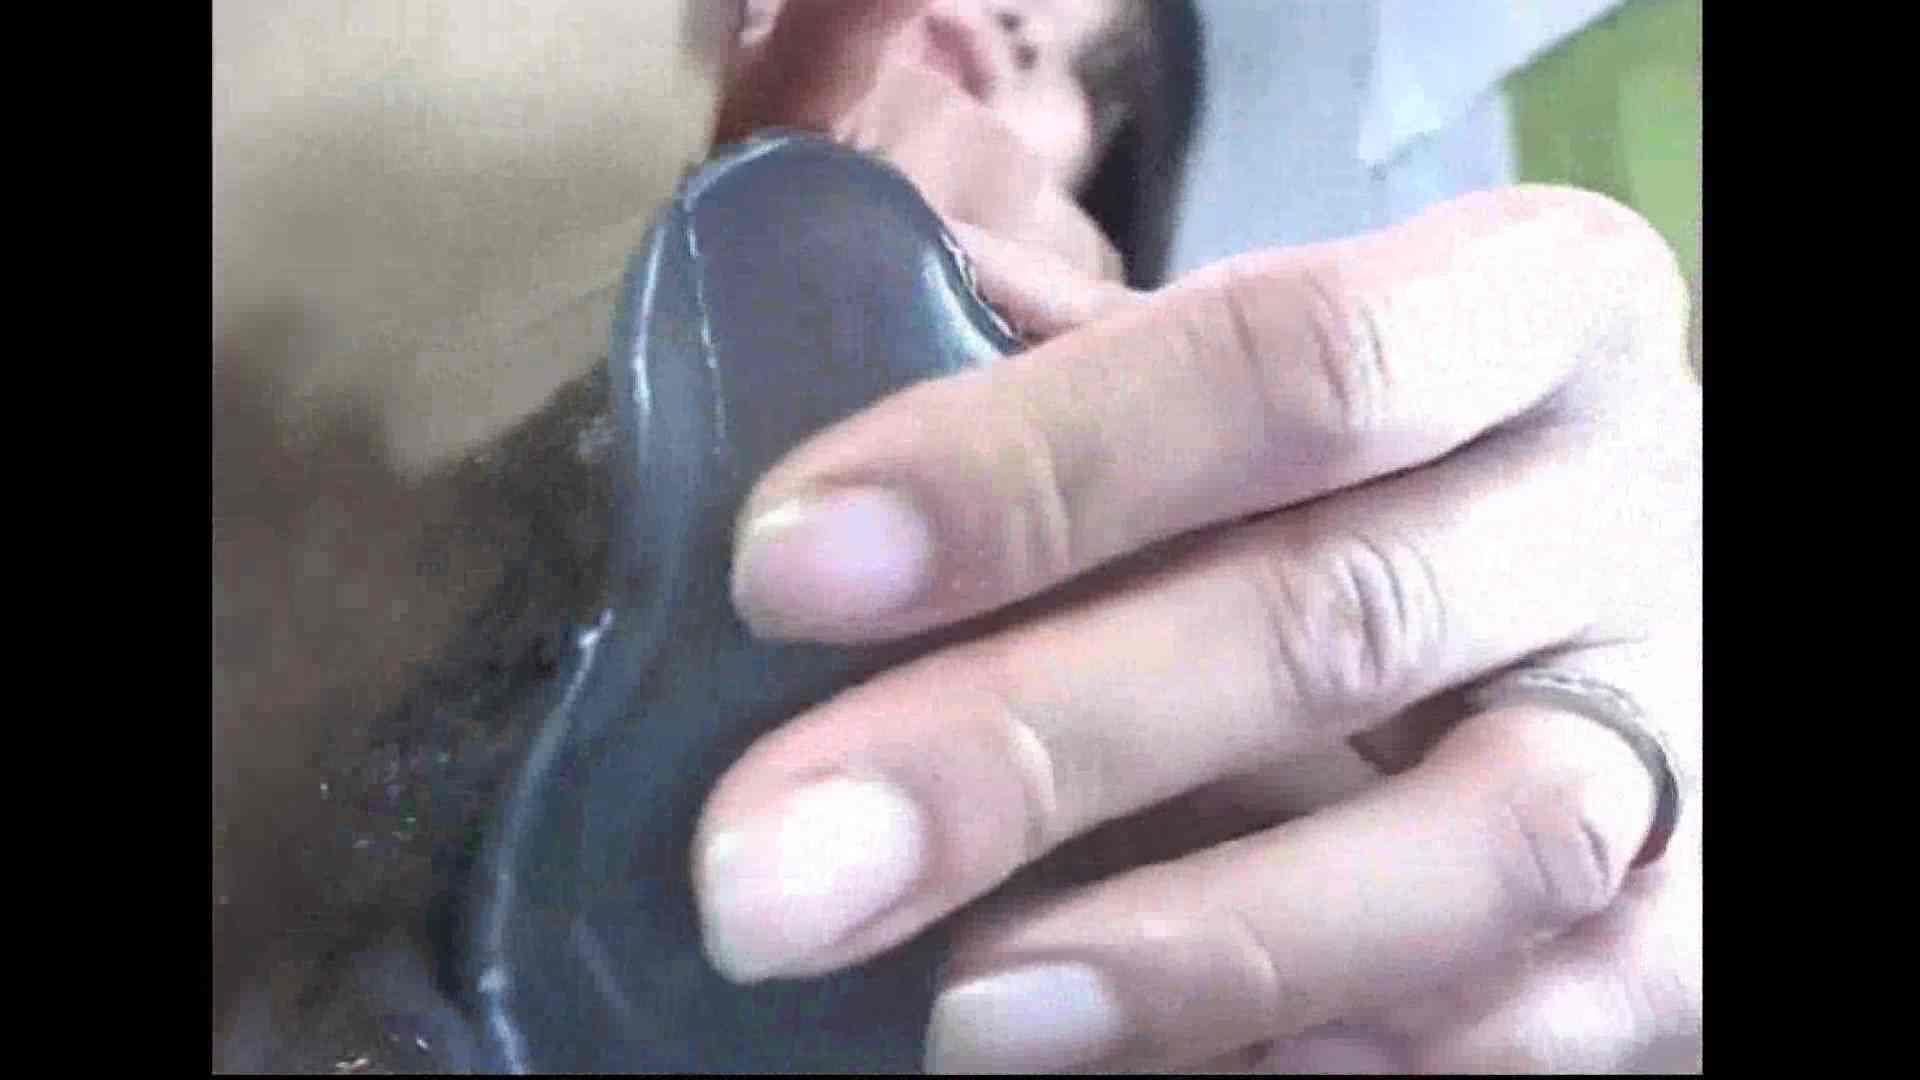 アヘ顔のわたしってどうかしら Vol.32 HなOL セックス無修正動画無料 108pic 77